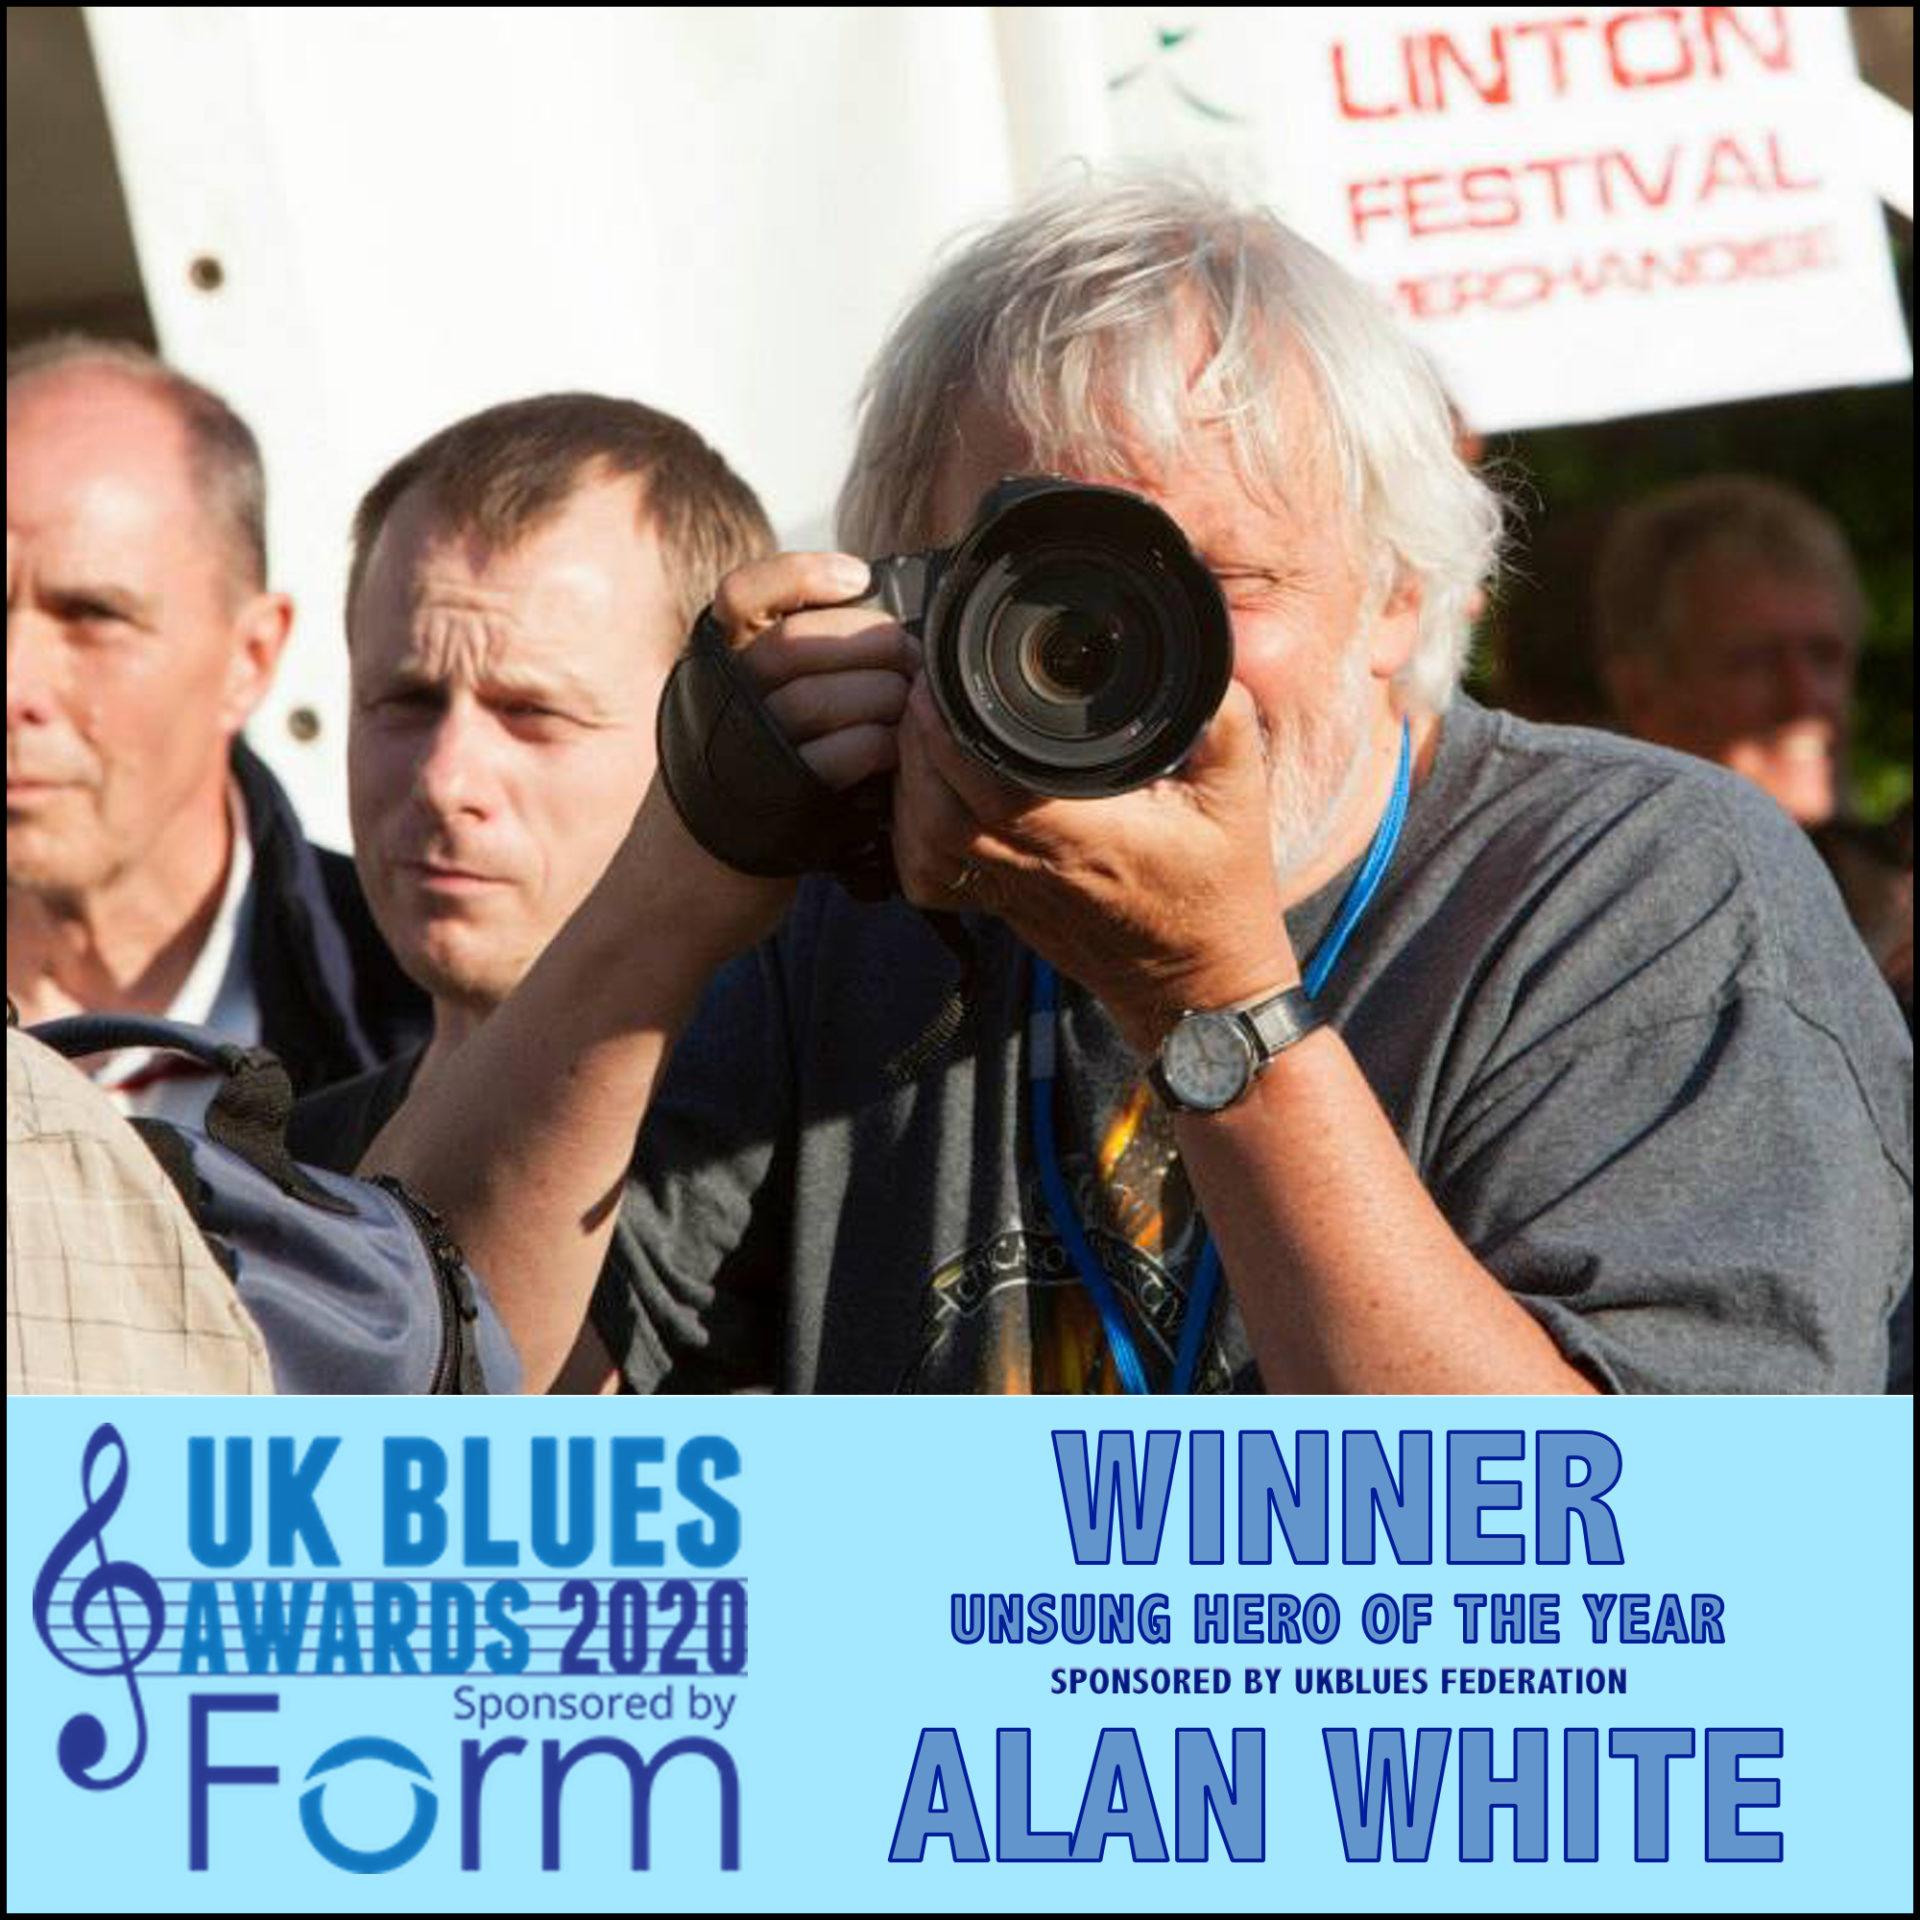 image of ukblues 2020 award winner alan white